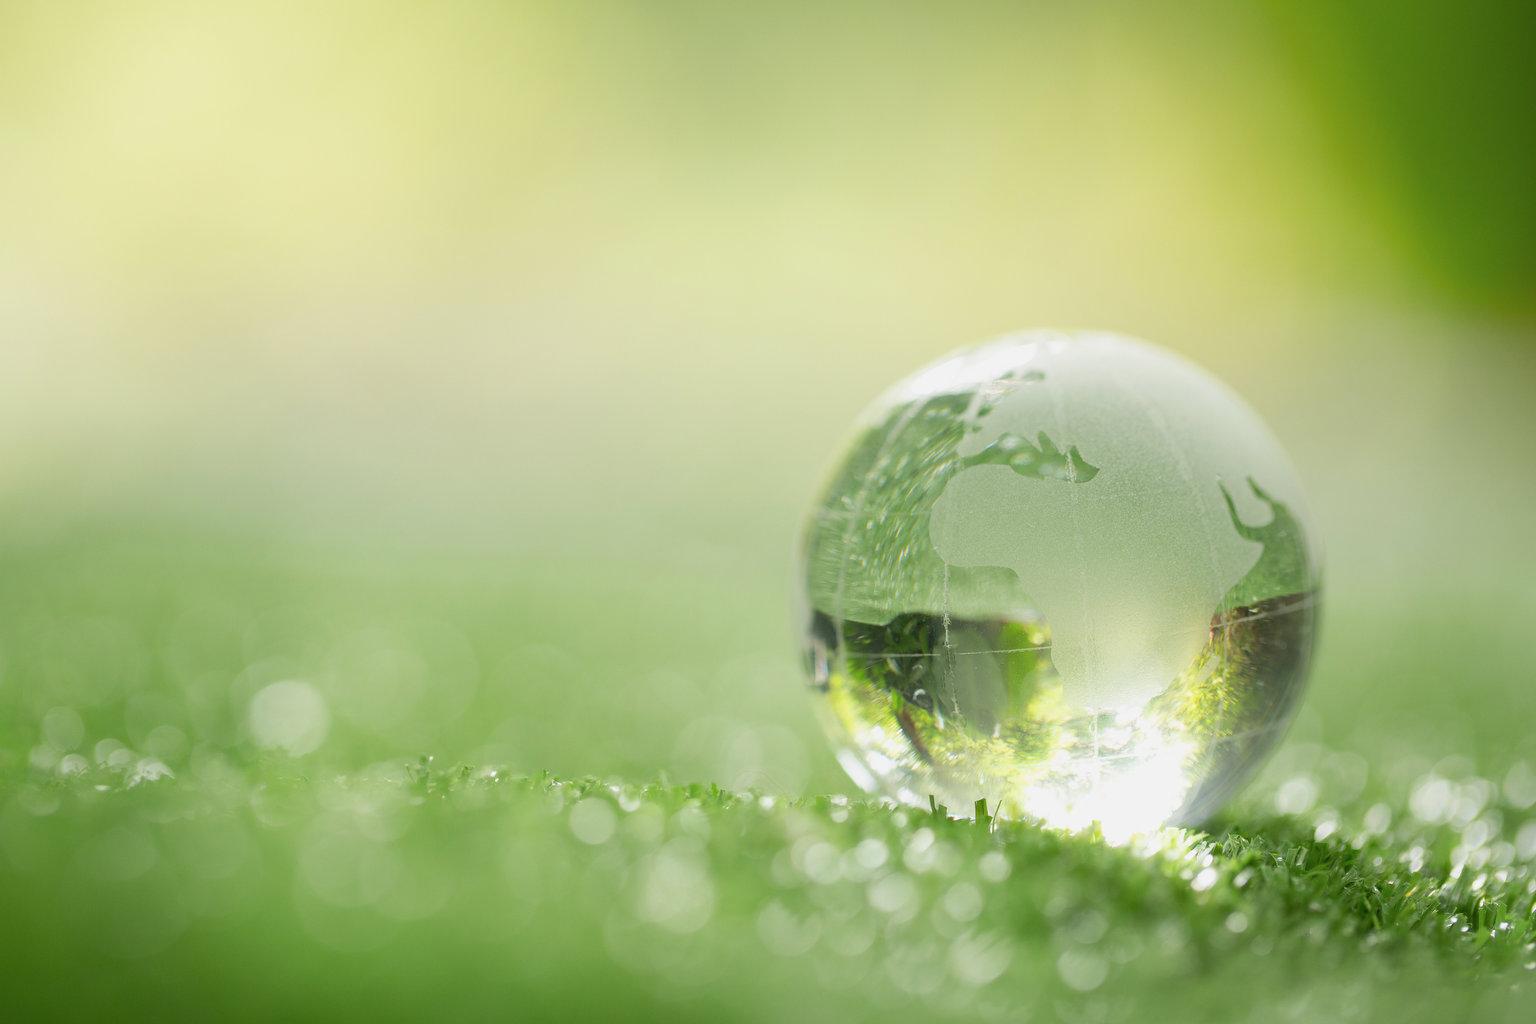 Assicurare una crescita economica con un minor impatto sull'ambiente si può, e l'Italia non va male - Life